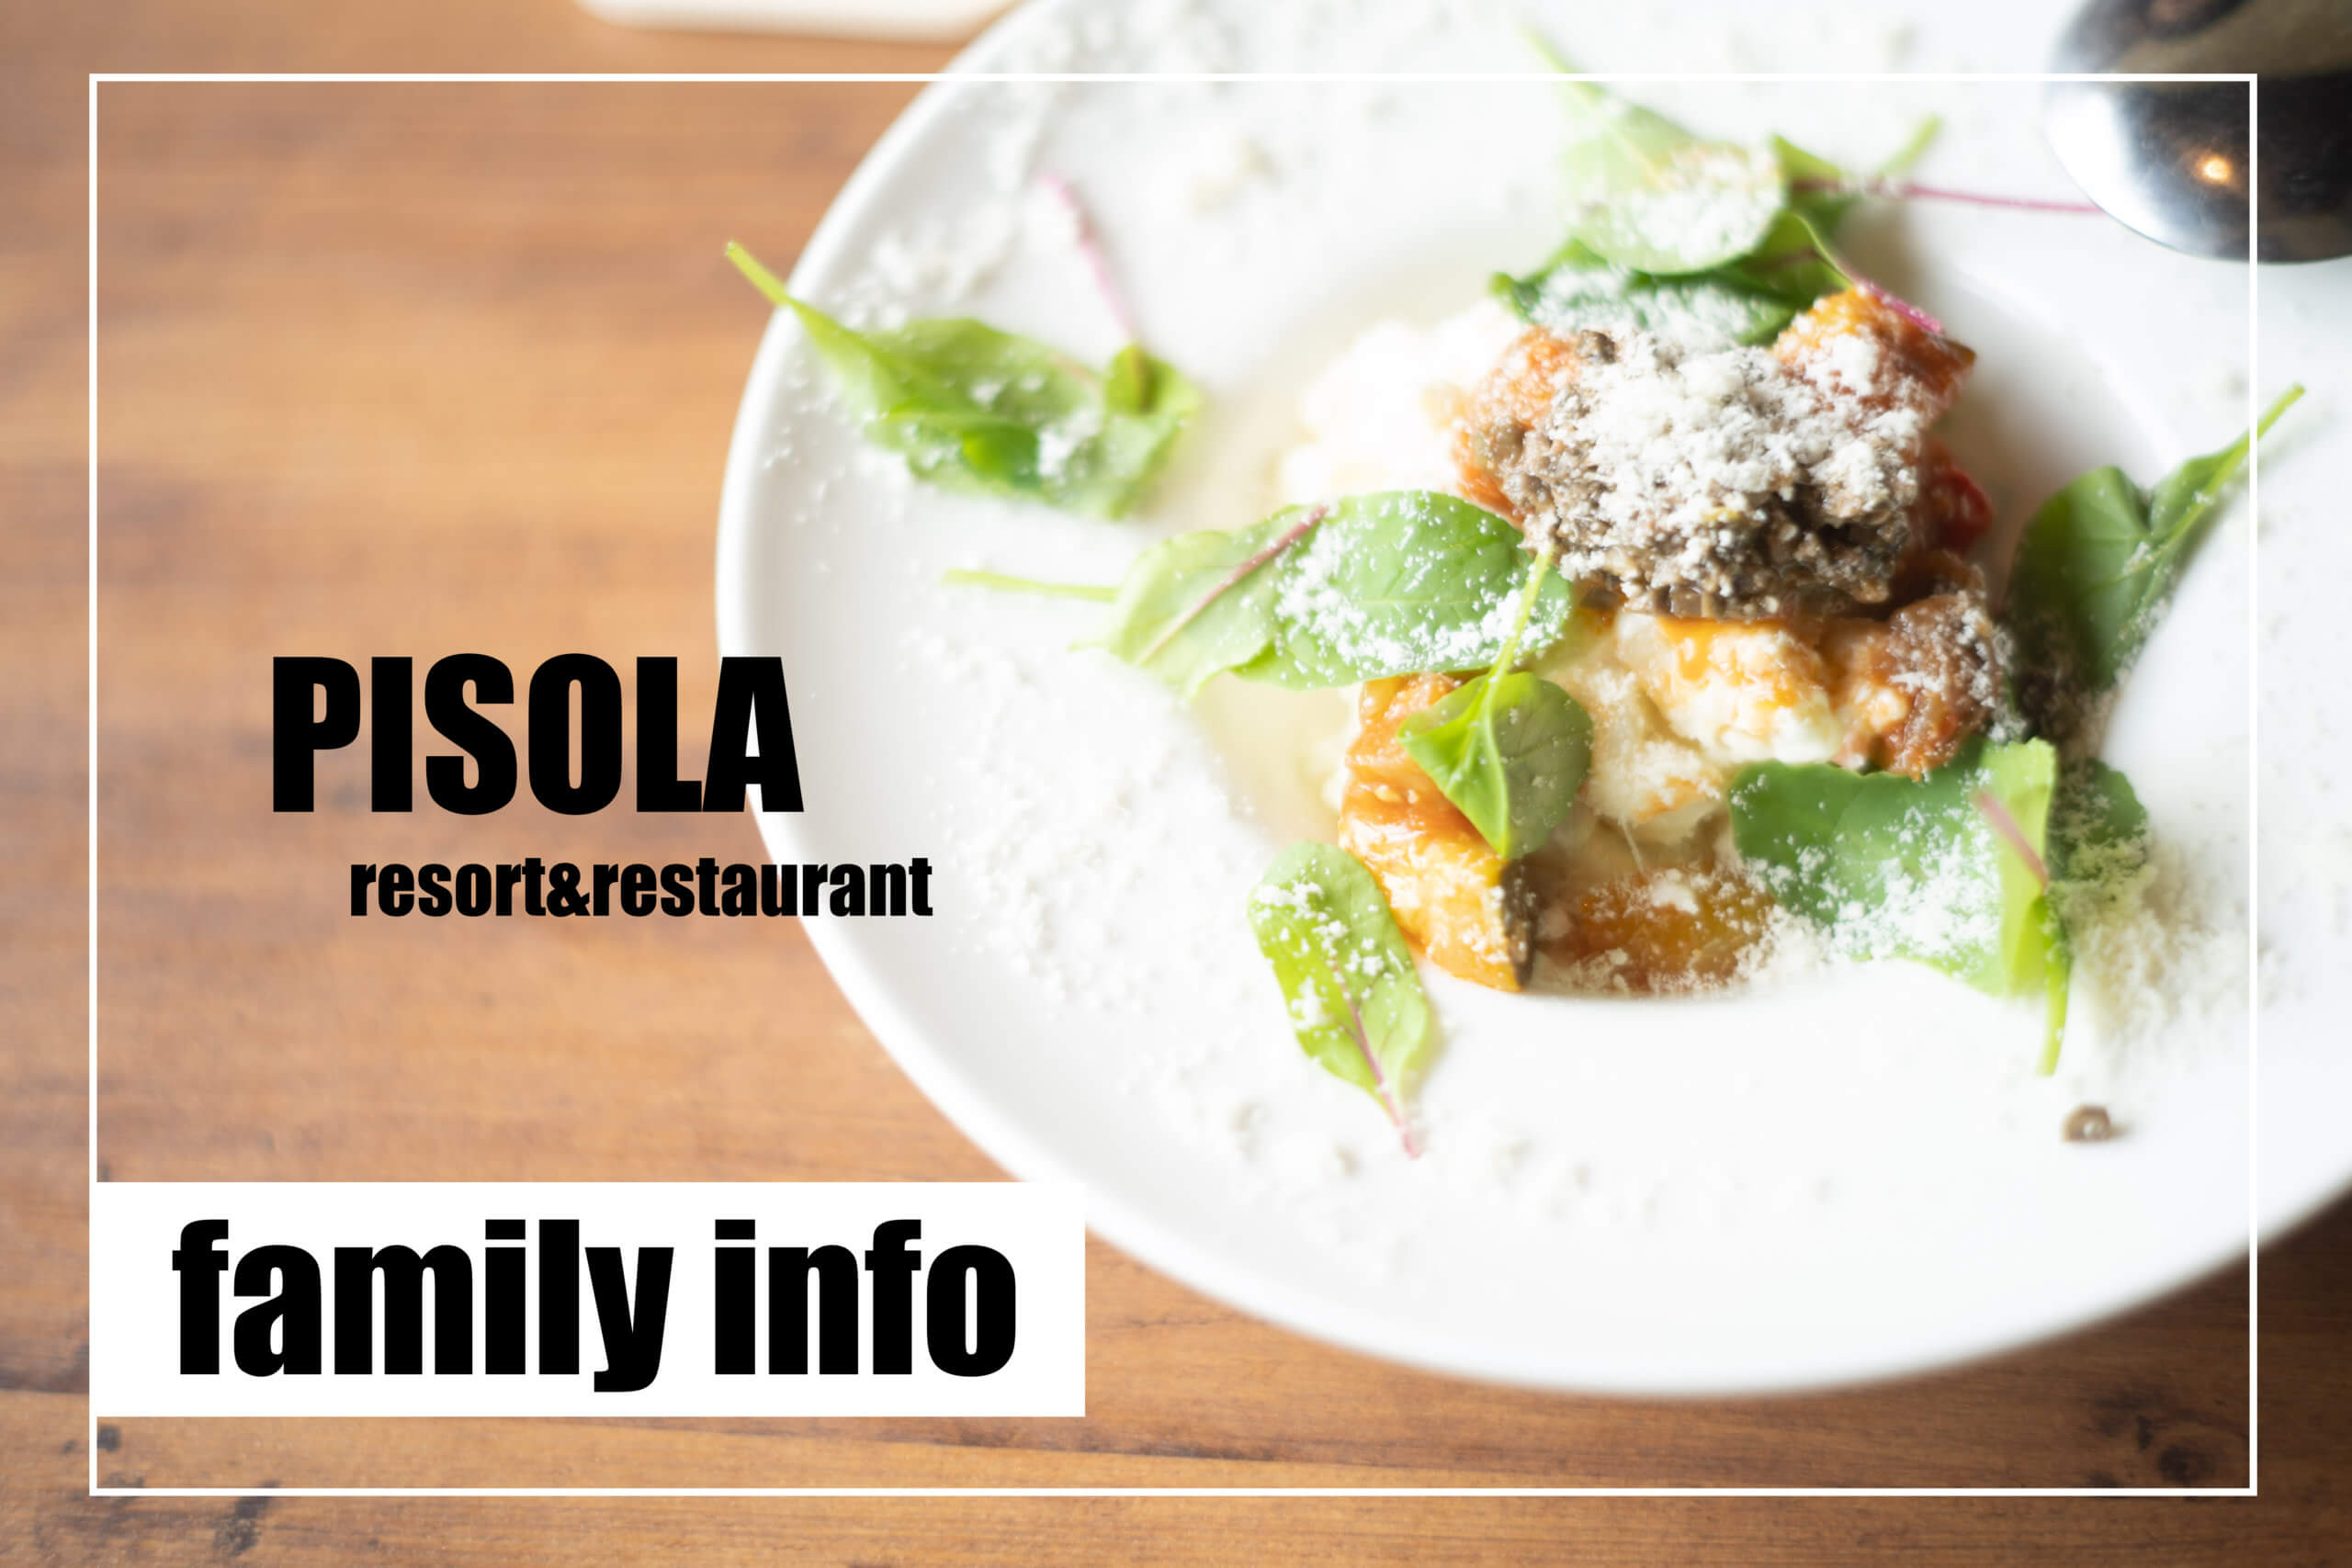 Family info 小さい子どものいる家族のおすすめ外食《PISOLA resort&restaurant》